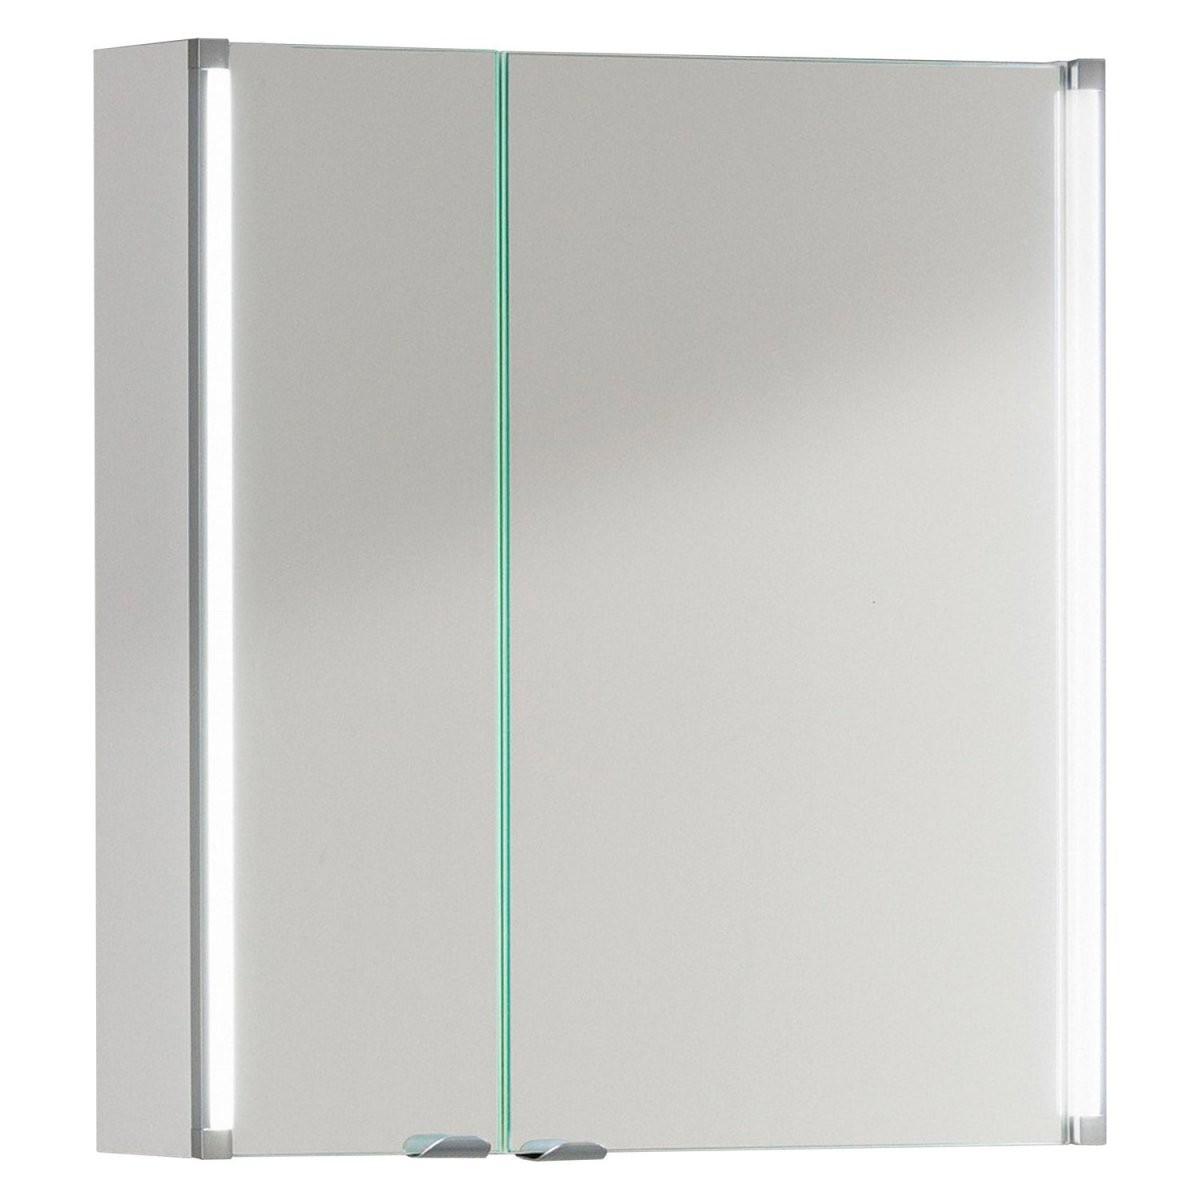 Led Spiegelschränke Online Kaufen Bei Obi von Bad Spiegelschrank Led Leuchte Photo